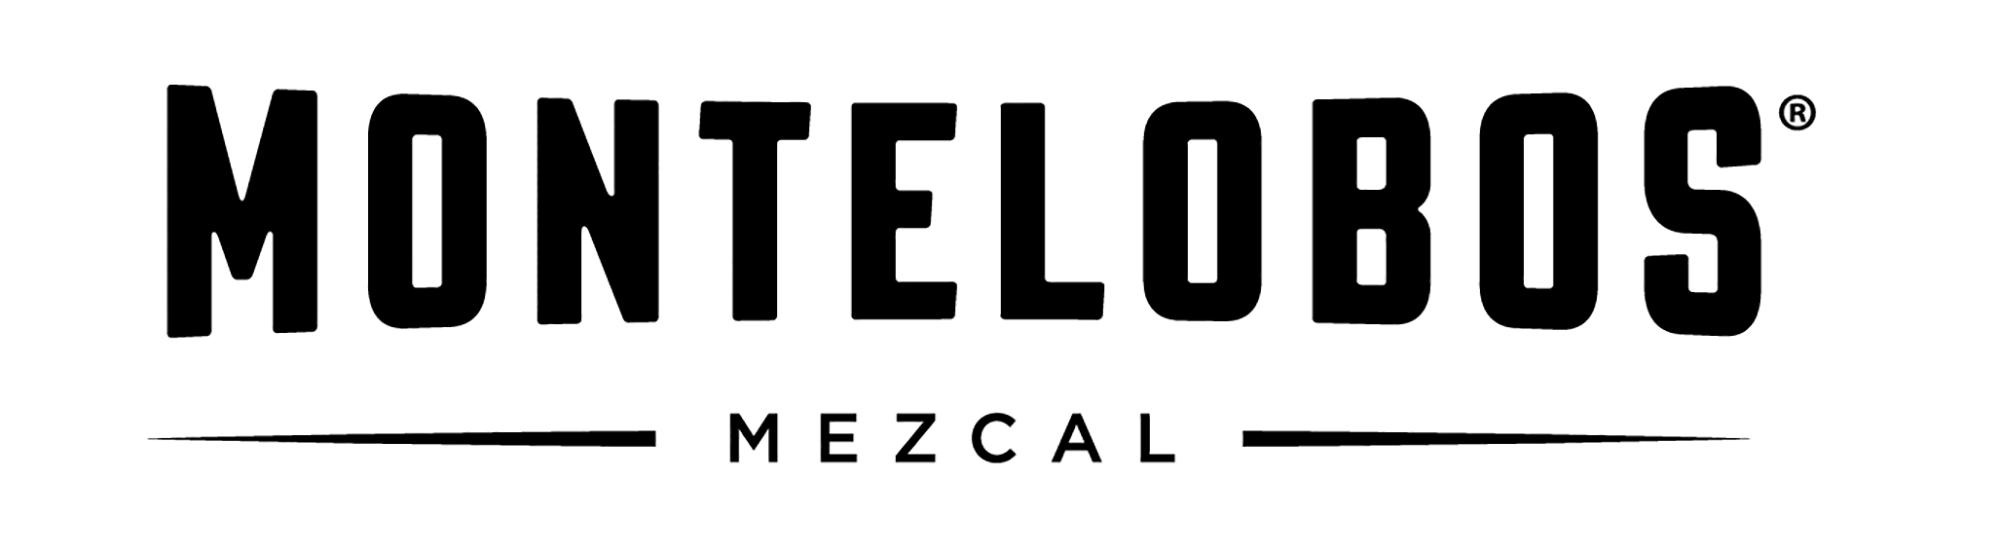 montelobos_logo.png